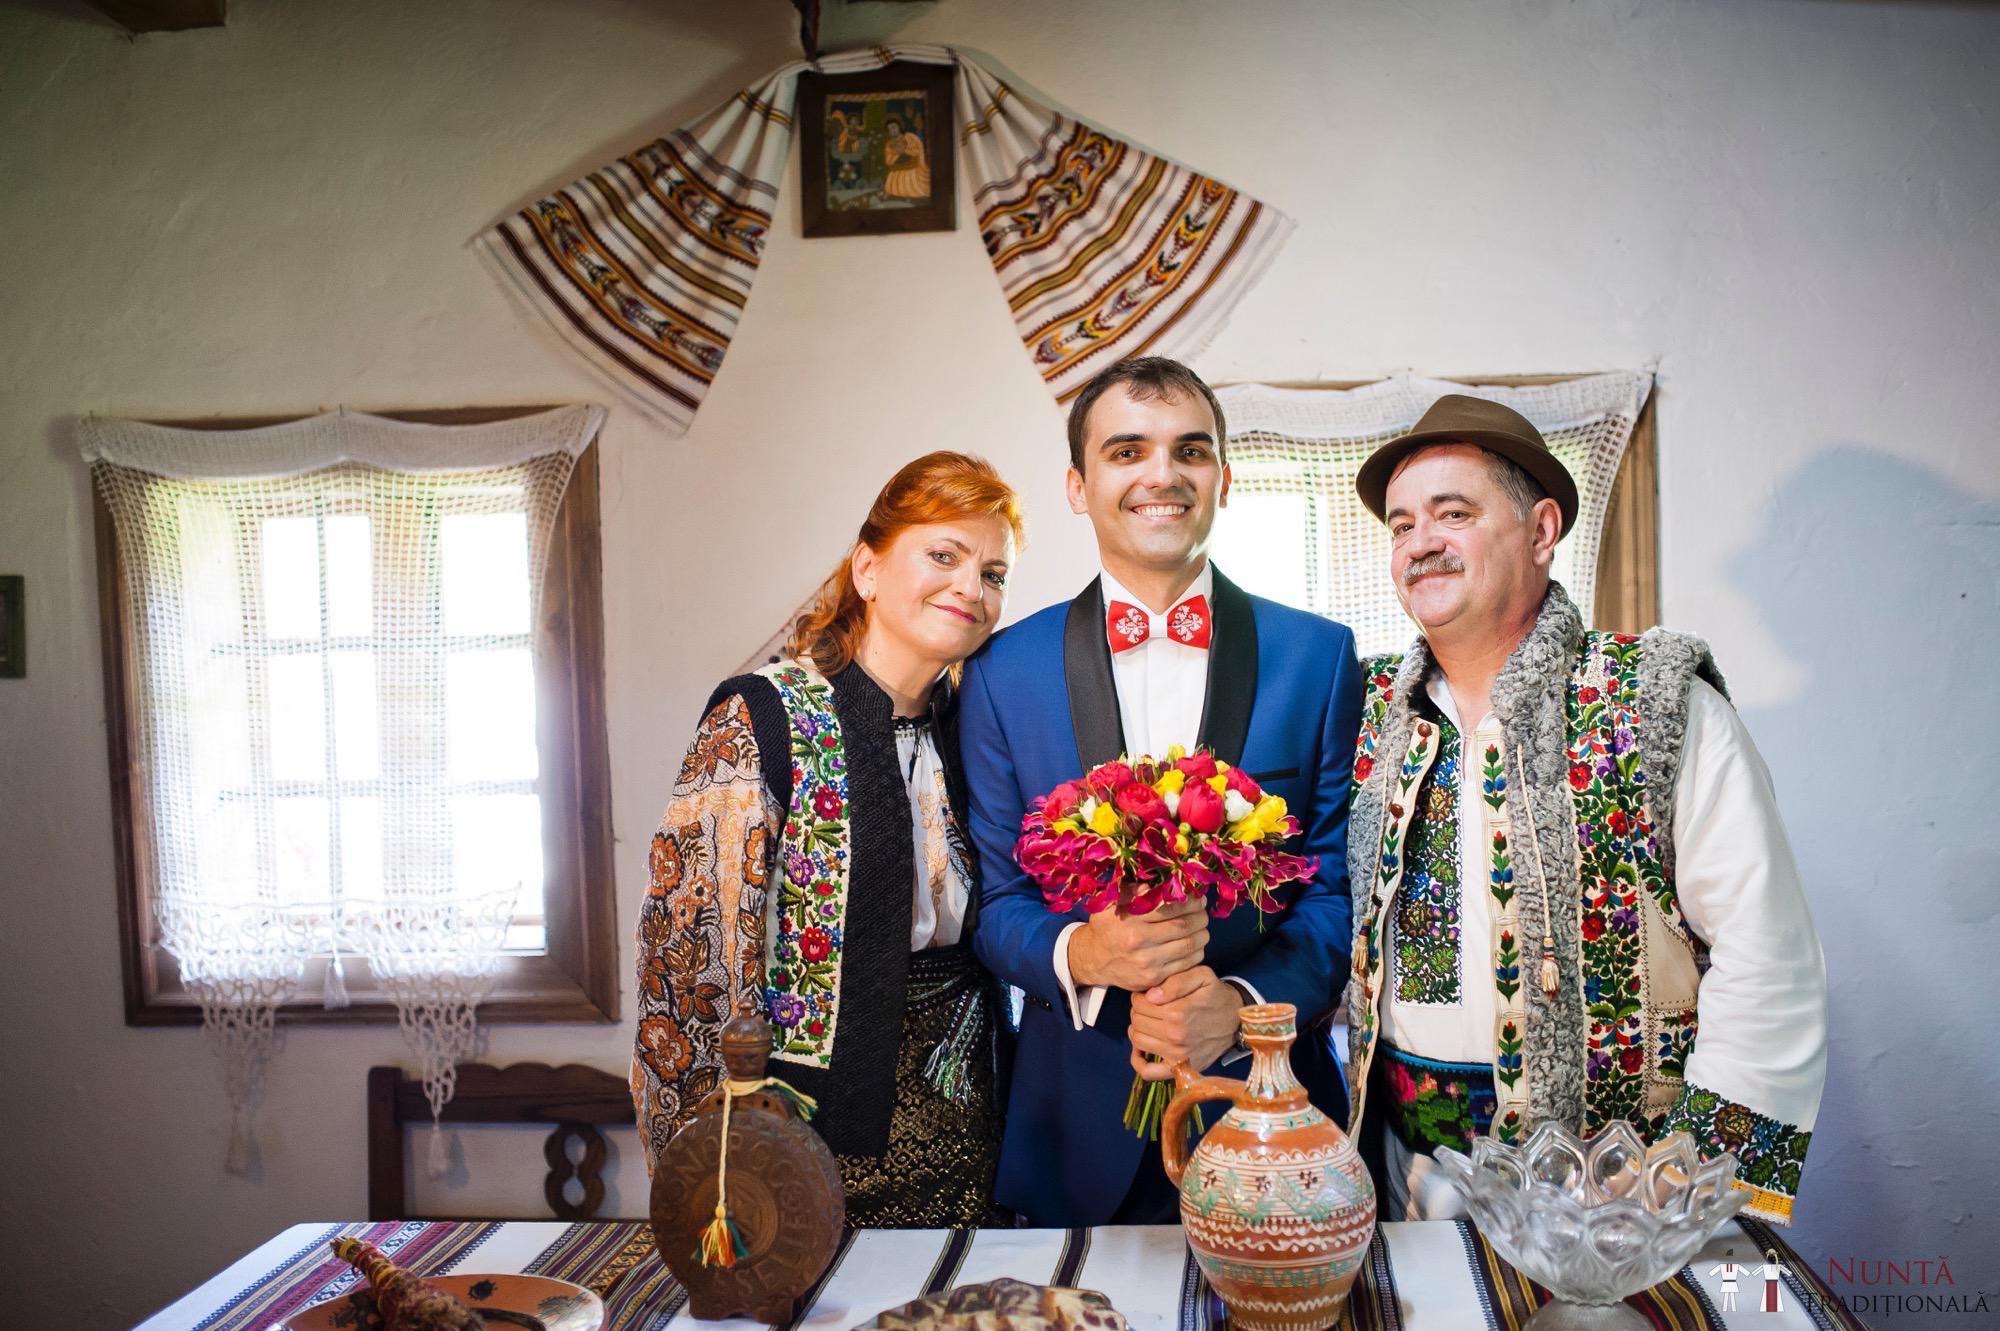 Povești Nunți Tradiționale - Gabriela și Mădălin - Nuntă Tradițională în Suceava, Bucovina 108